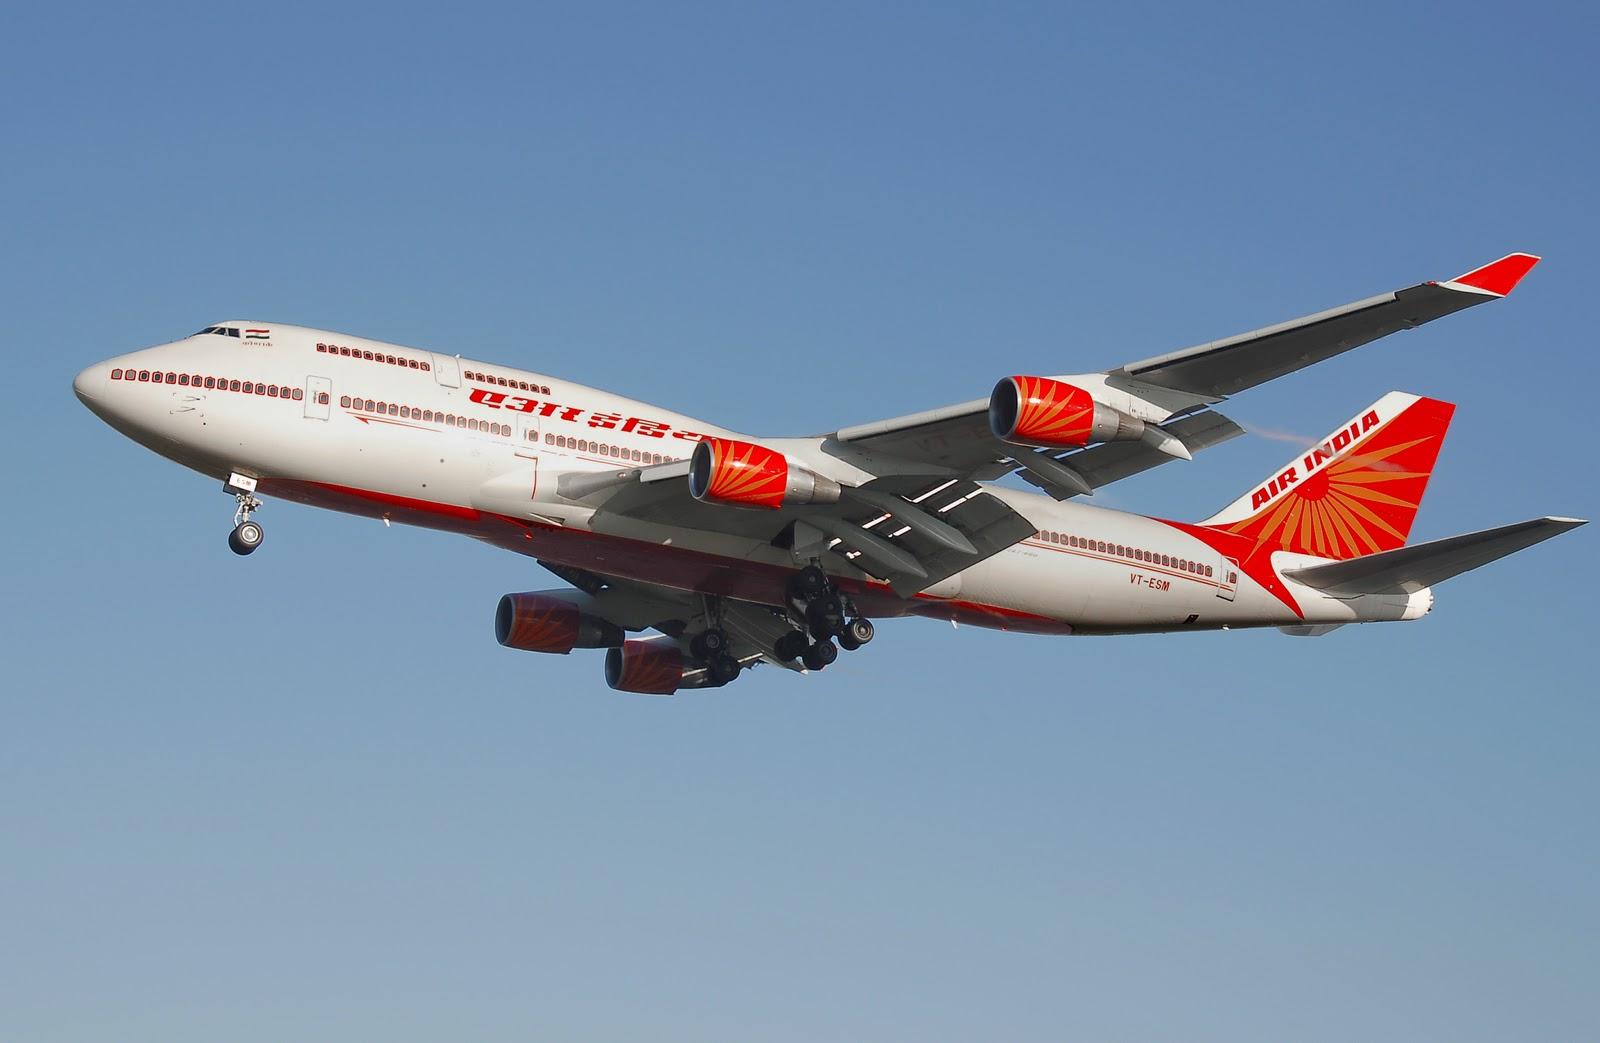 L'Inde va construire 100 nouveaux aéroports en dix ans, alors que la demande de transports aériens intérieurs augmente considérablement